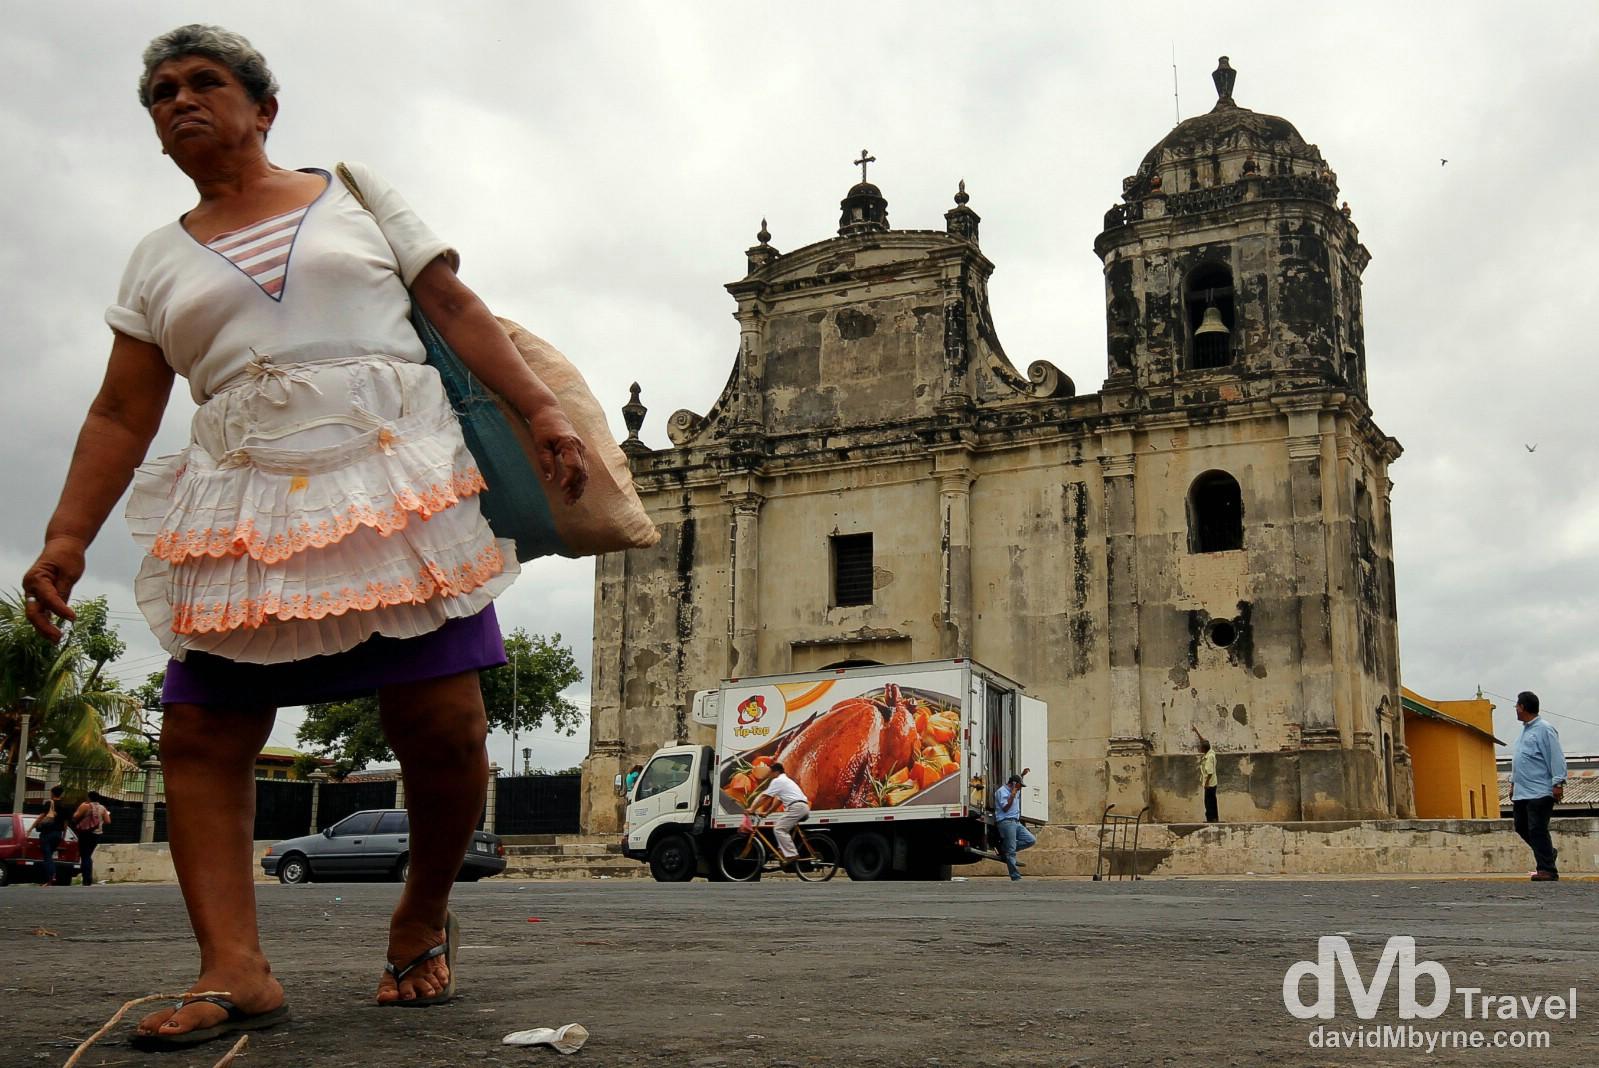 Fronting the 1625 (rebuilt in 1860) Iglesia de San Juan in Leon, Nicaragua. June 15th 2013.